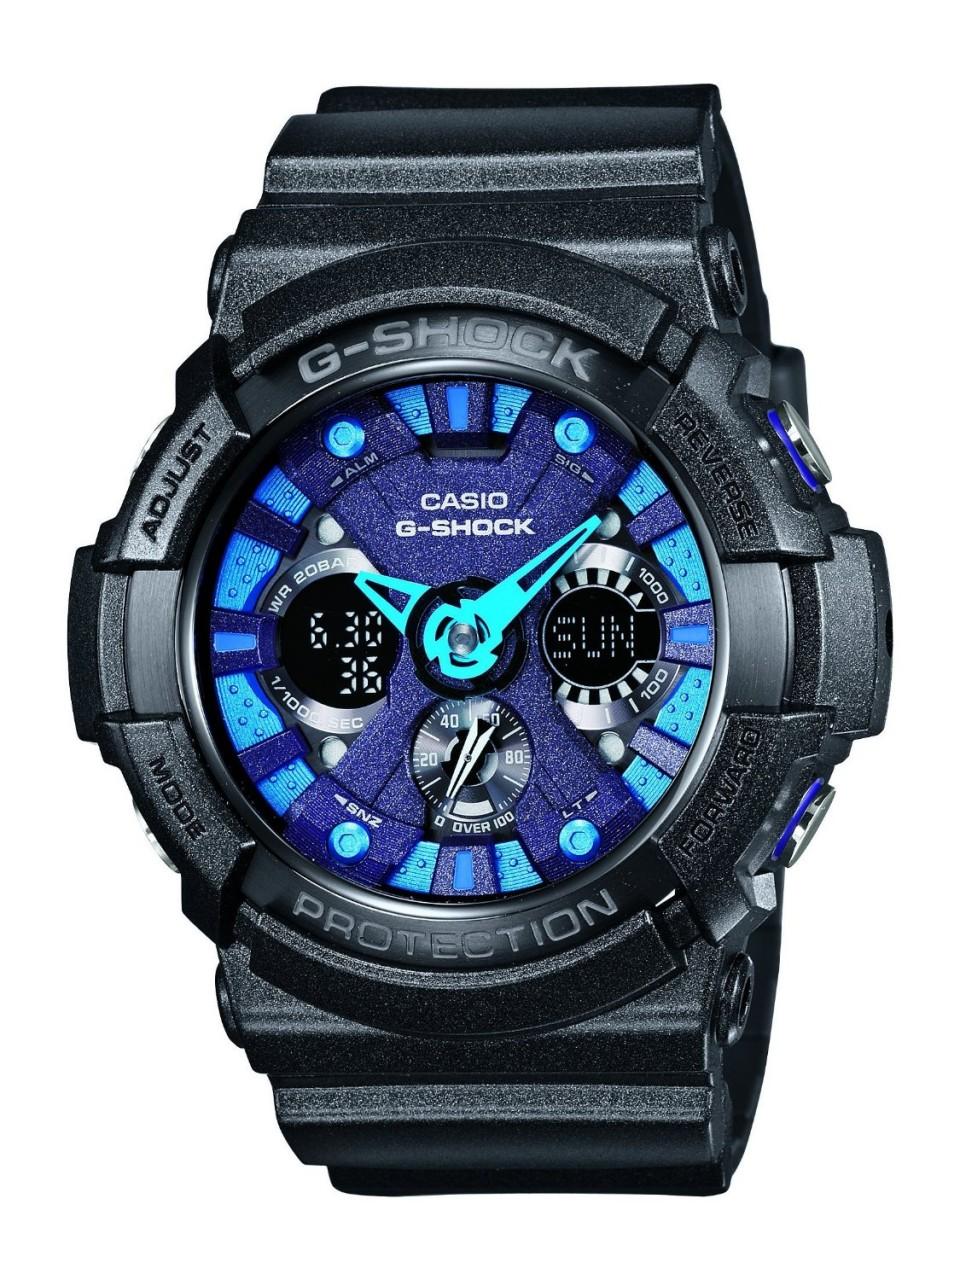 Часы G-Shock ударопрочность, популярность, история